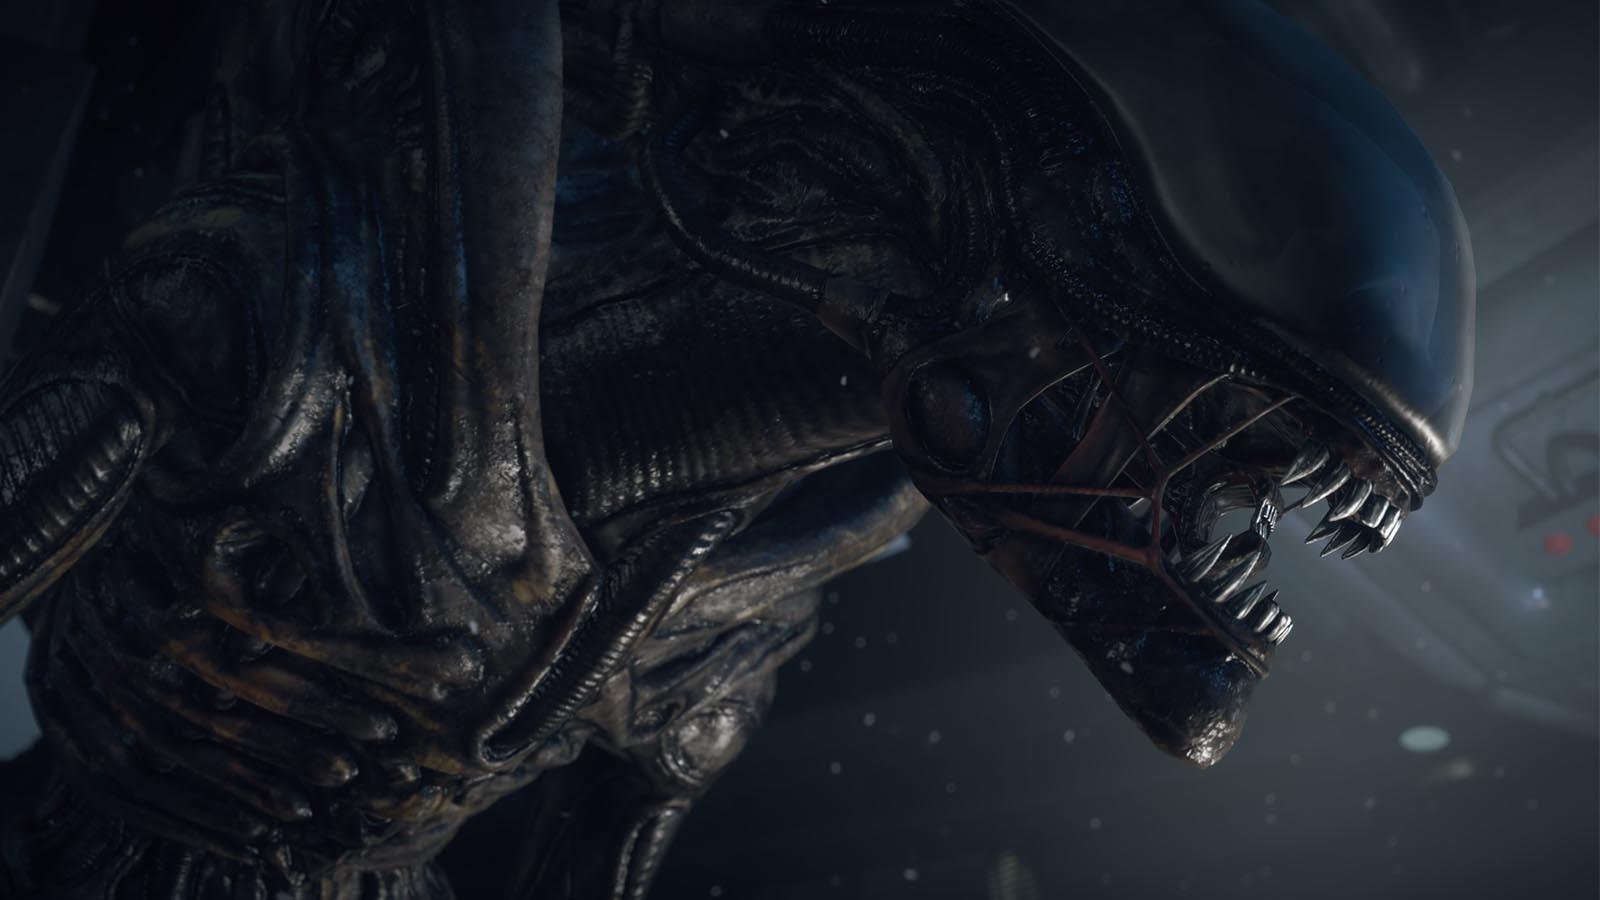 Alien blackout, wallpaper, screenshot